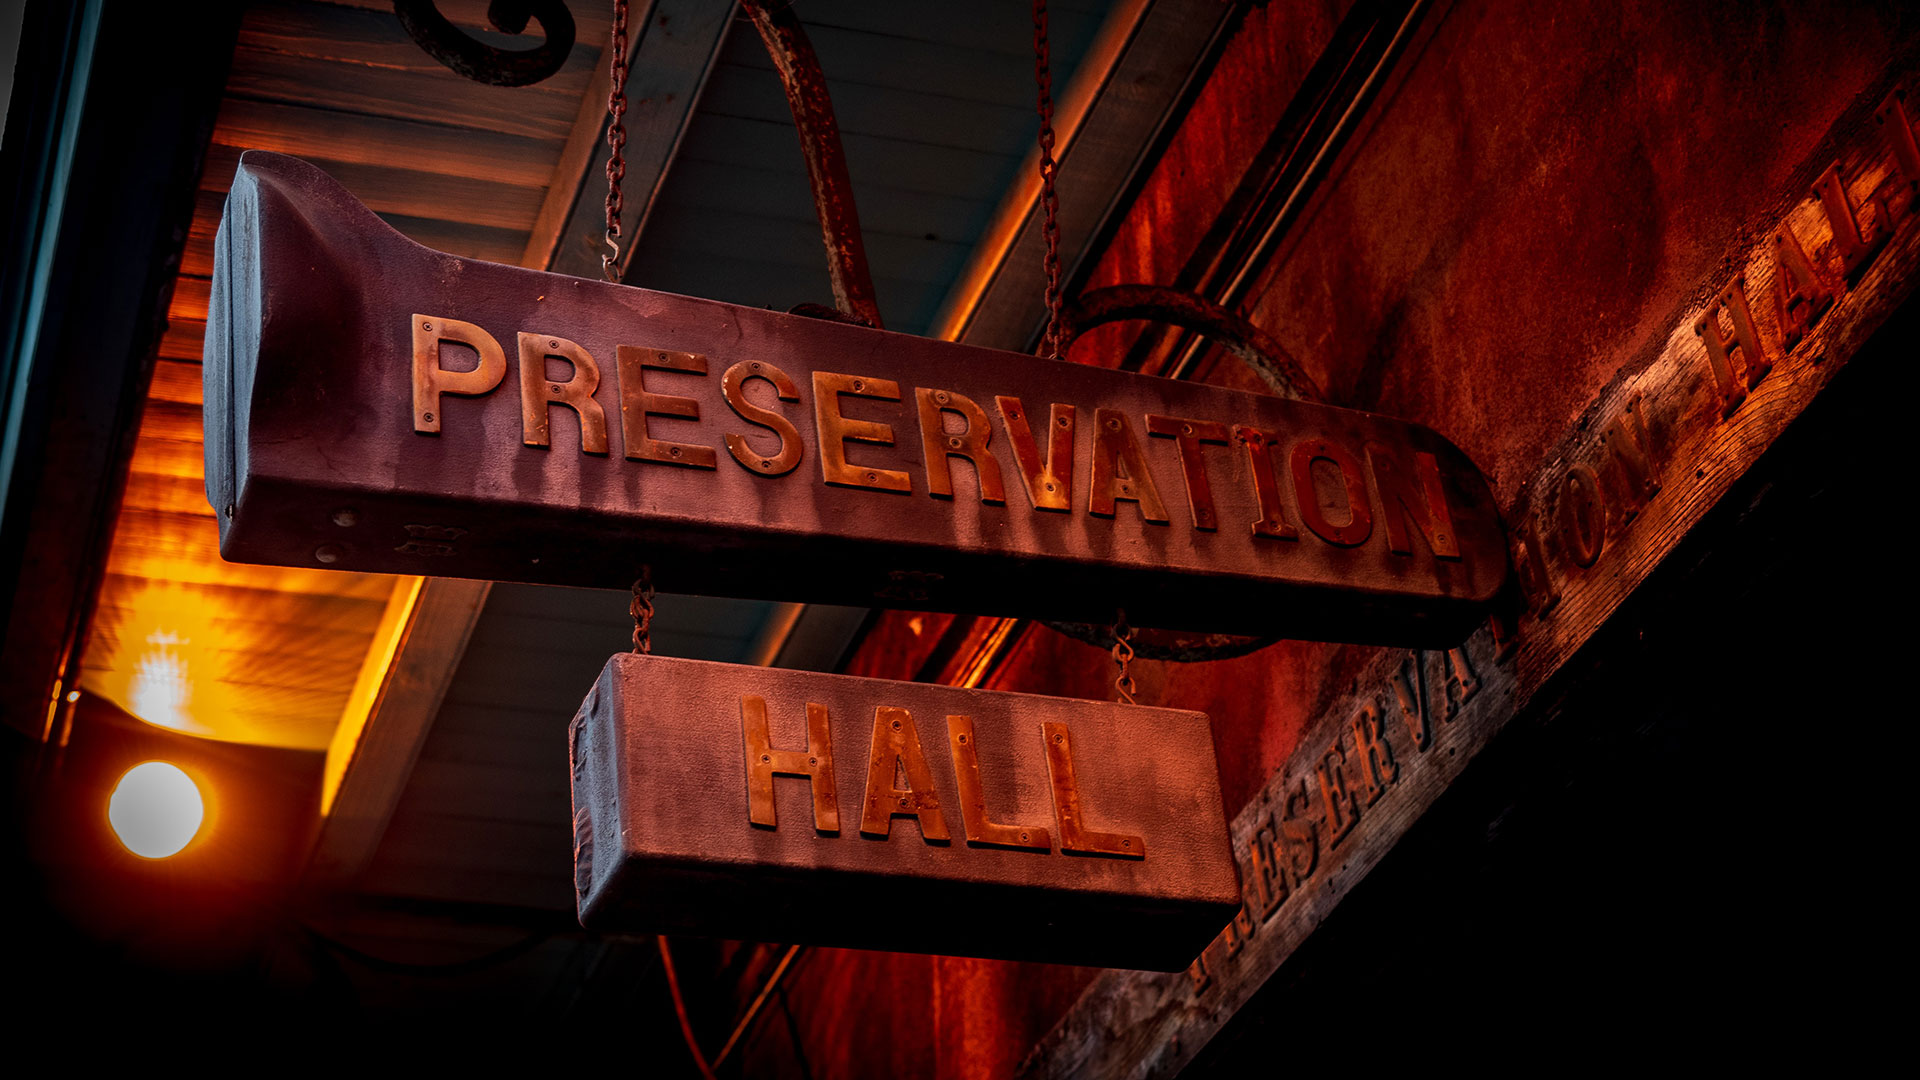 Preservation Hall entrance